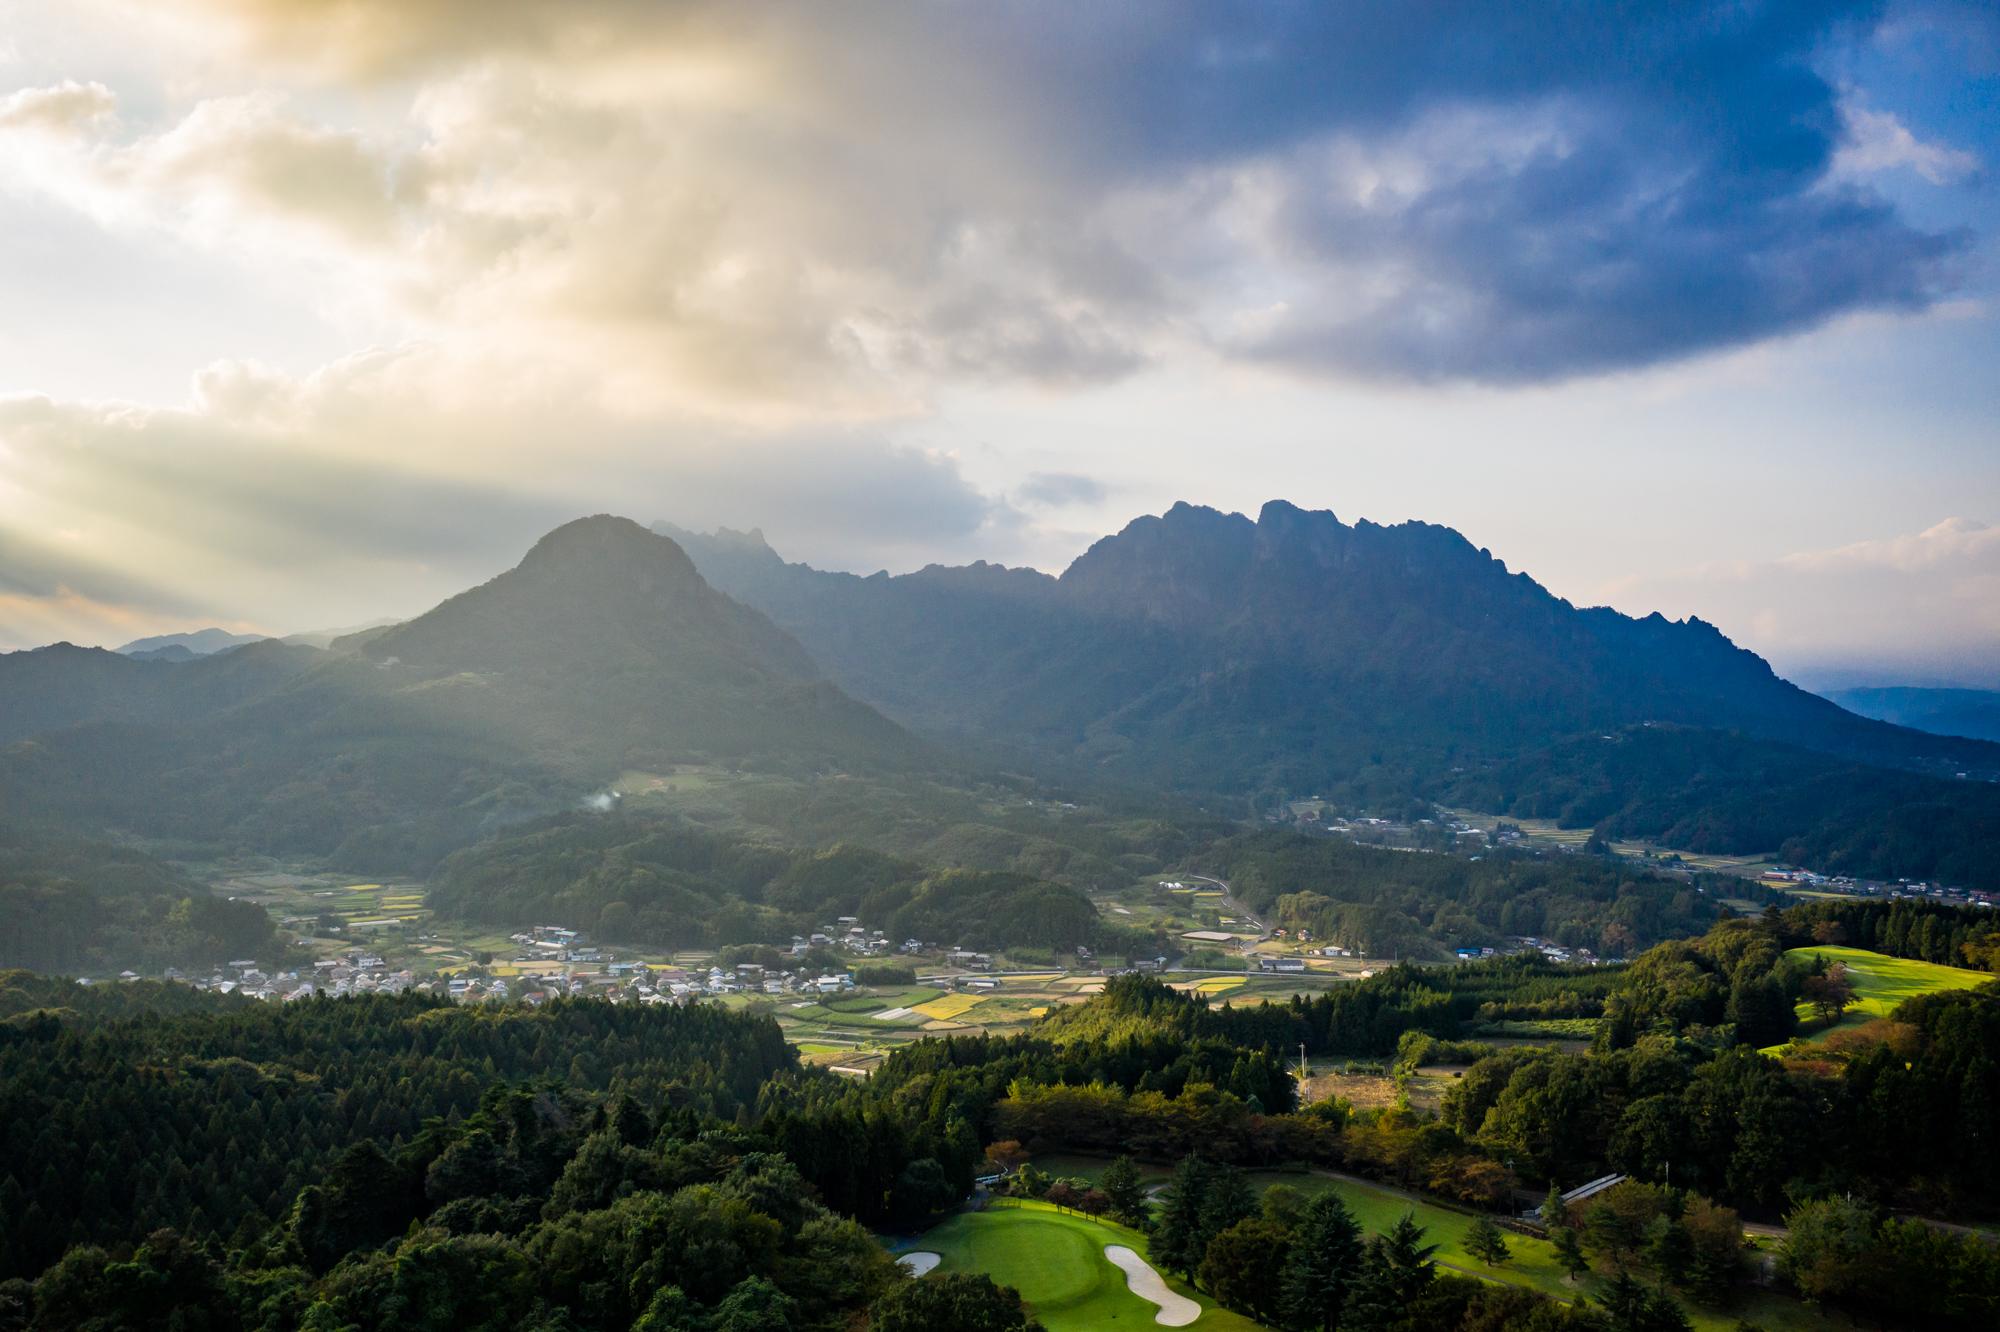 妙義山を望むグンラピング